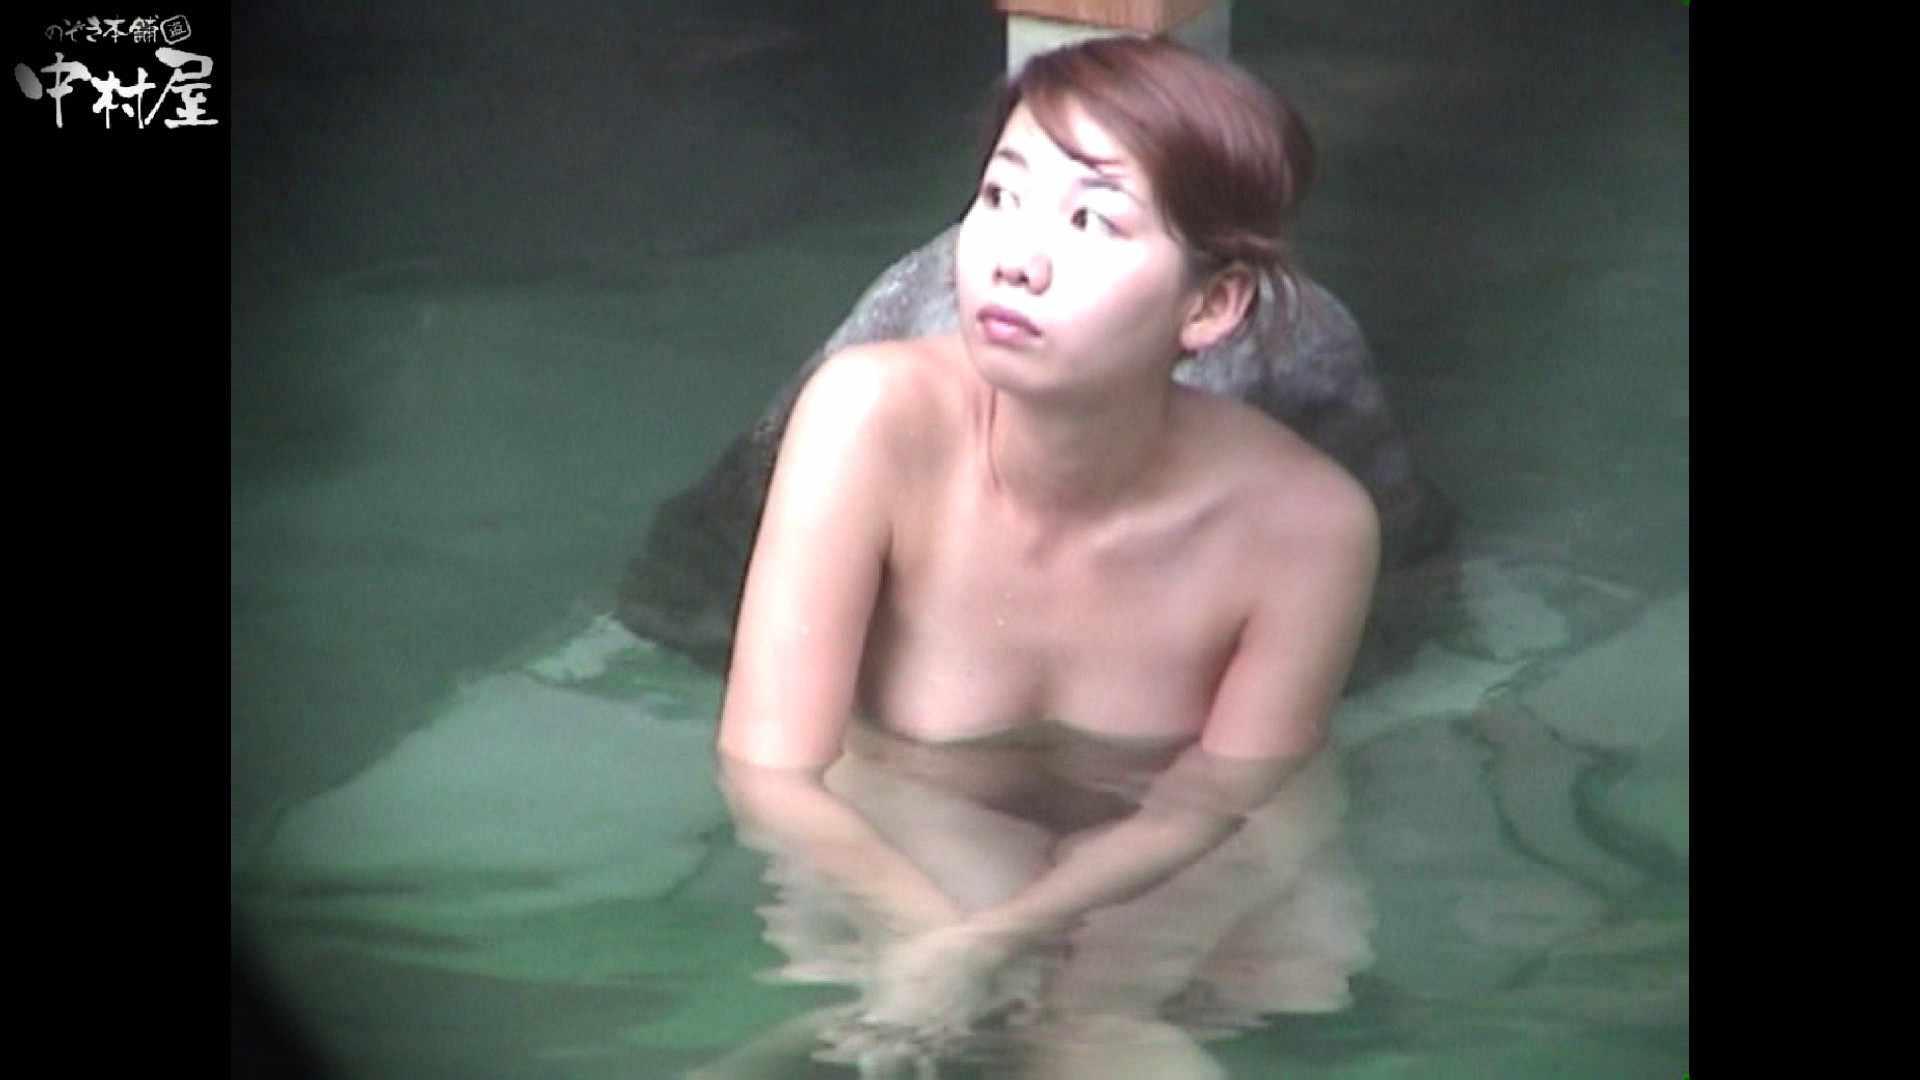 Aquaな露天風呂Vol.951 美しいOLの裸体 セックス画像 96pic 89